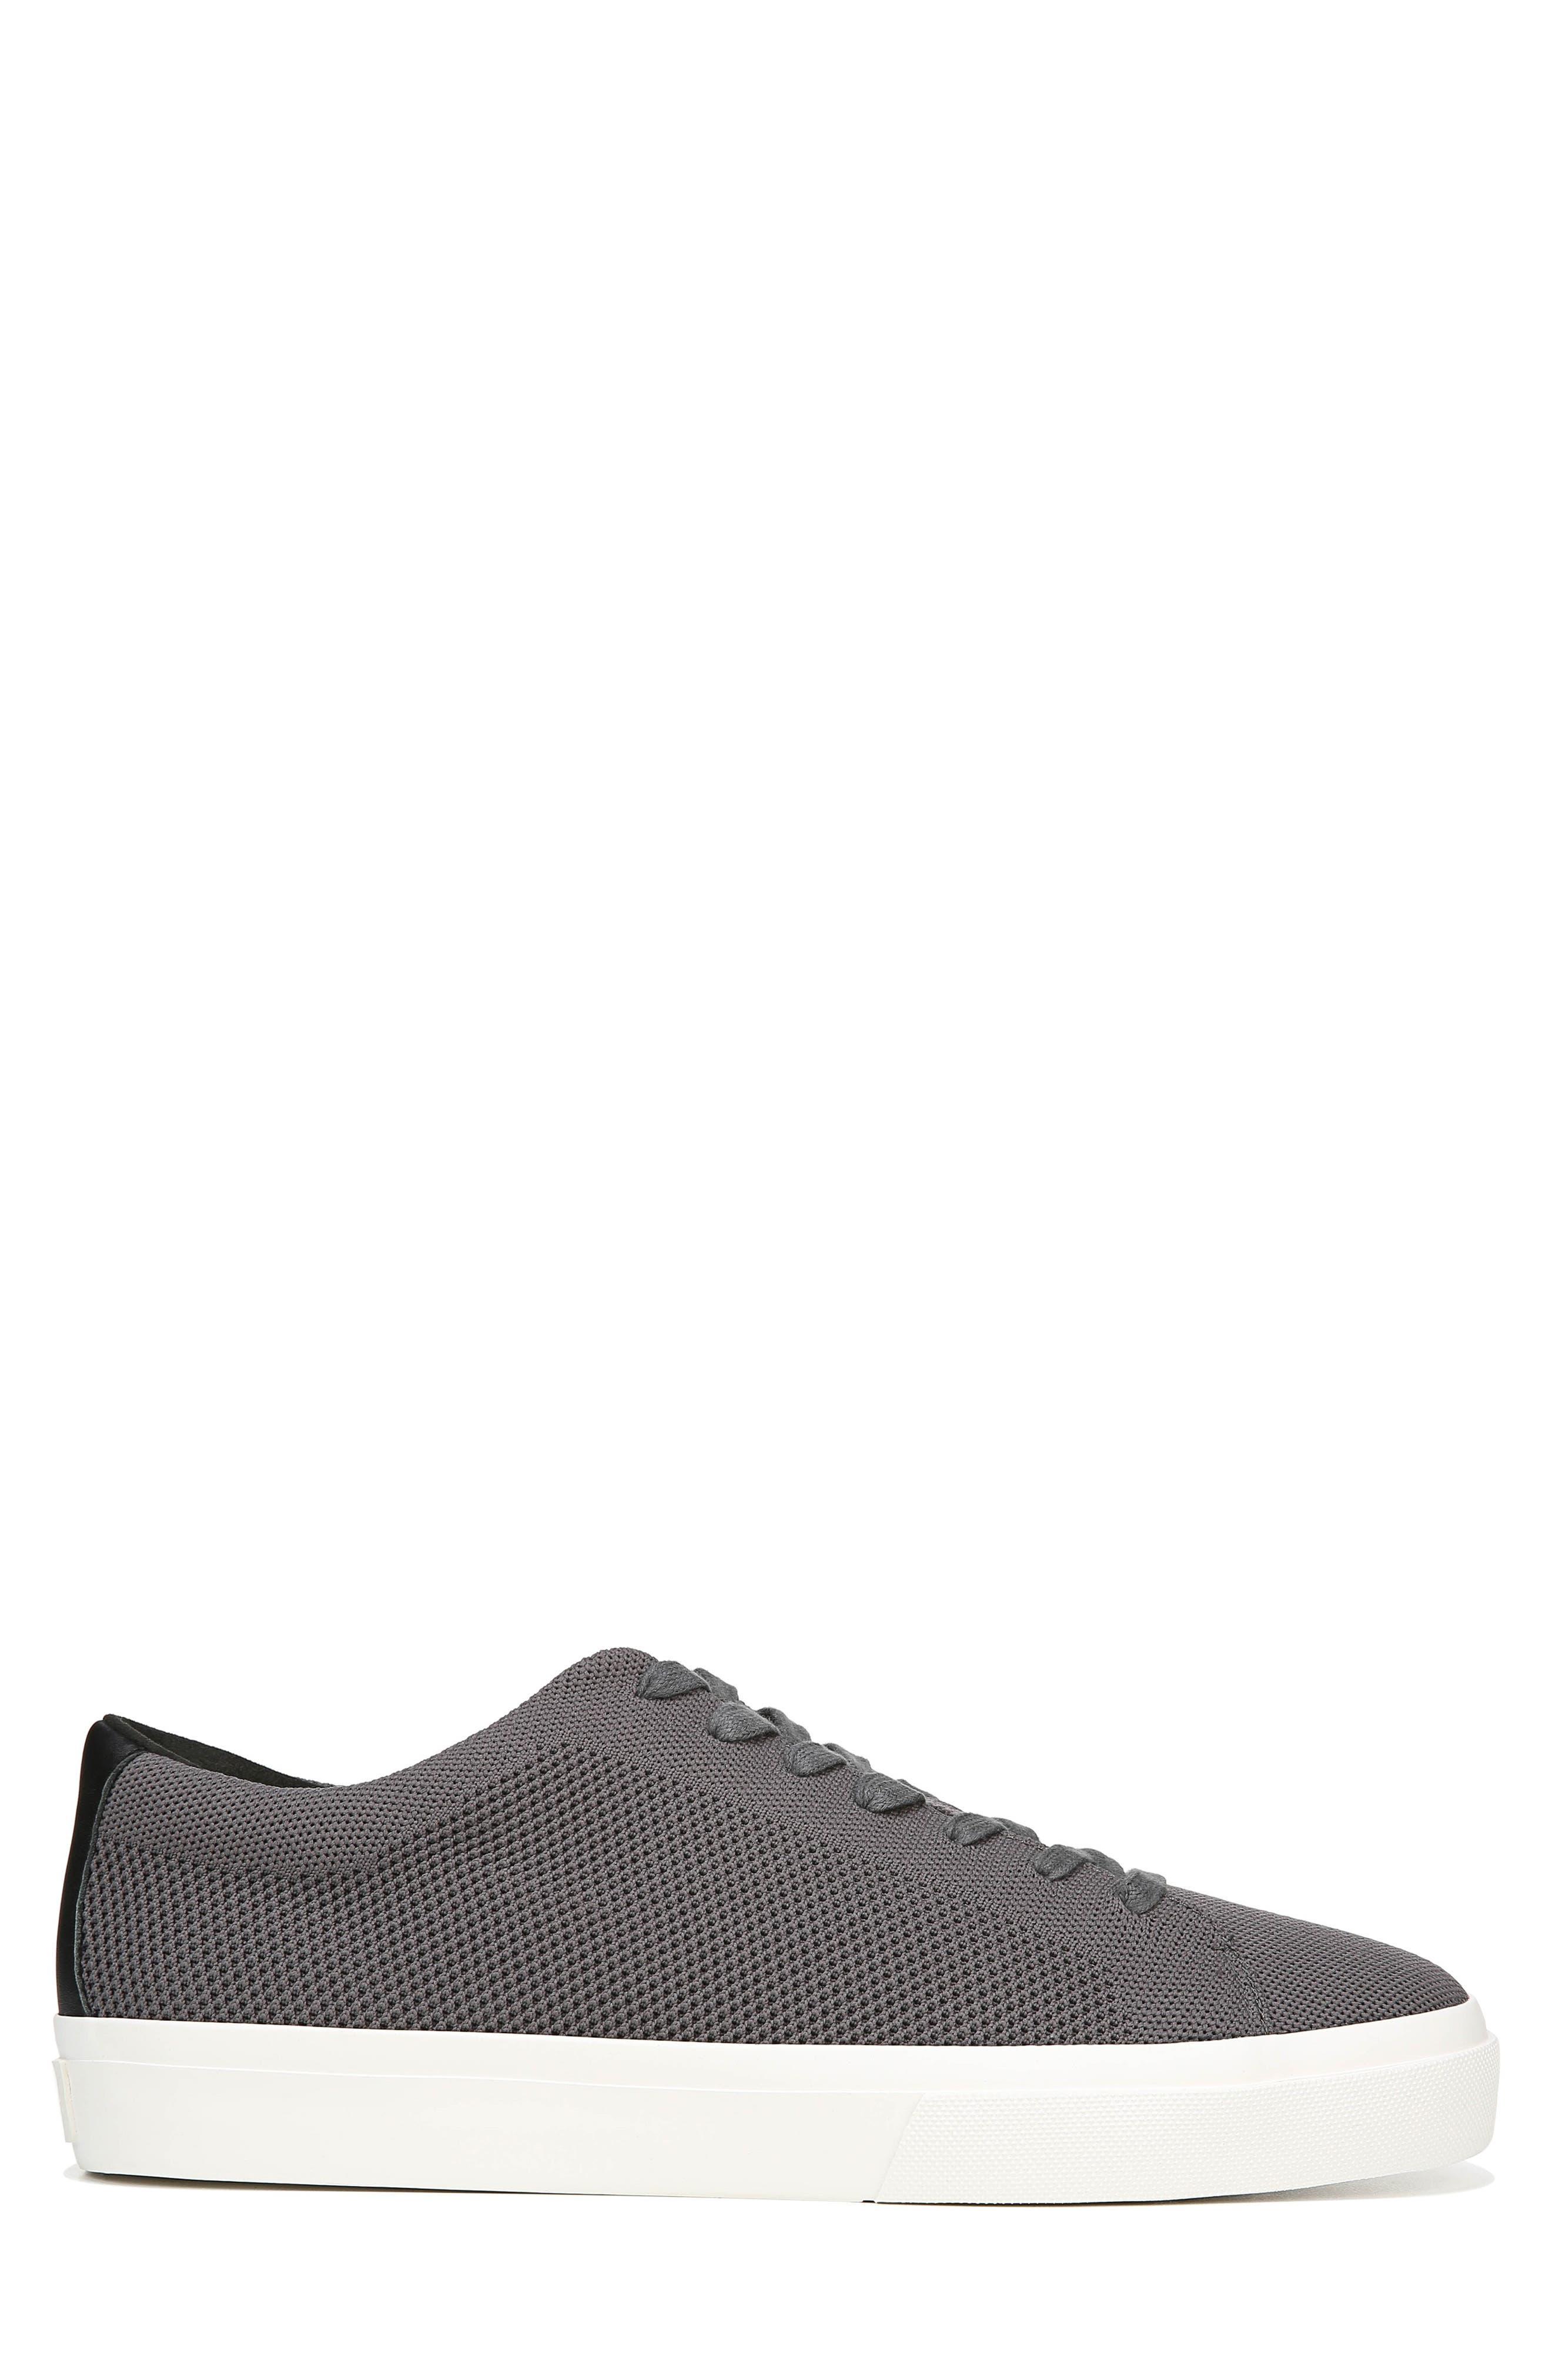 VINCE, Farrell Sneaker, Alternate thumbnail 3, color, GRAPHITE/ BLACK